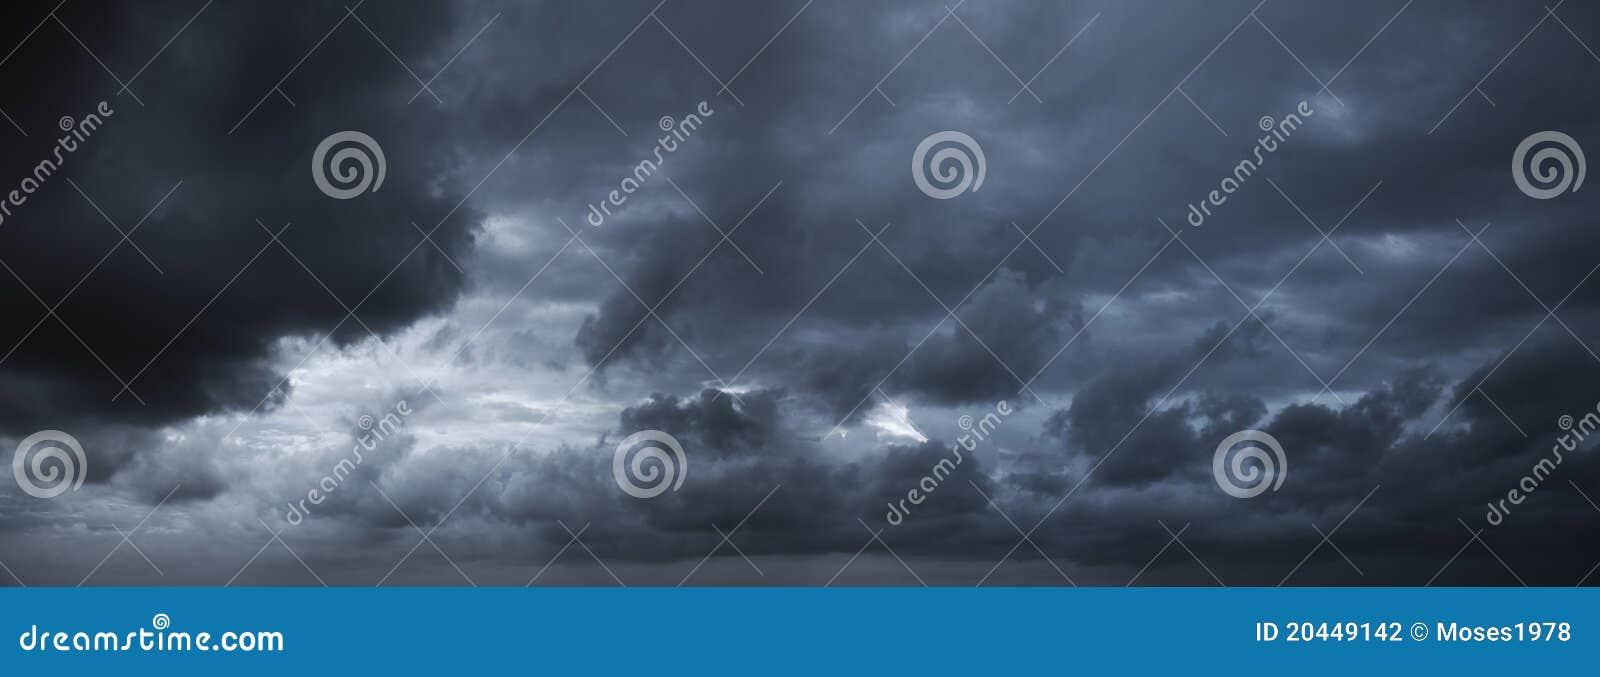 Cielo tempestuoso oscuro